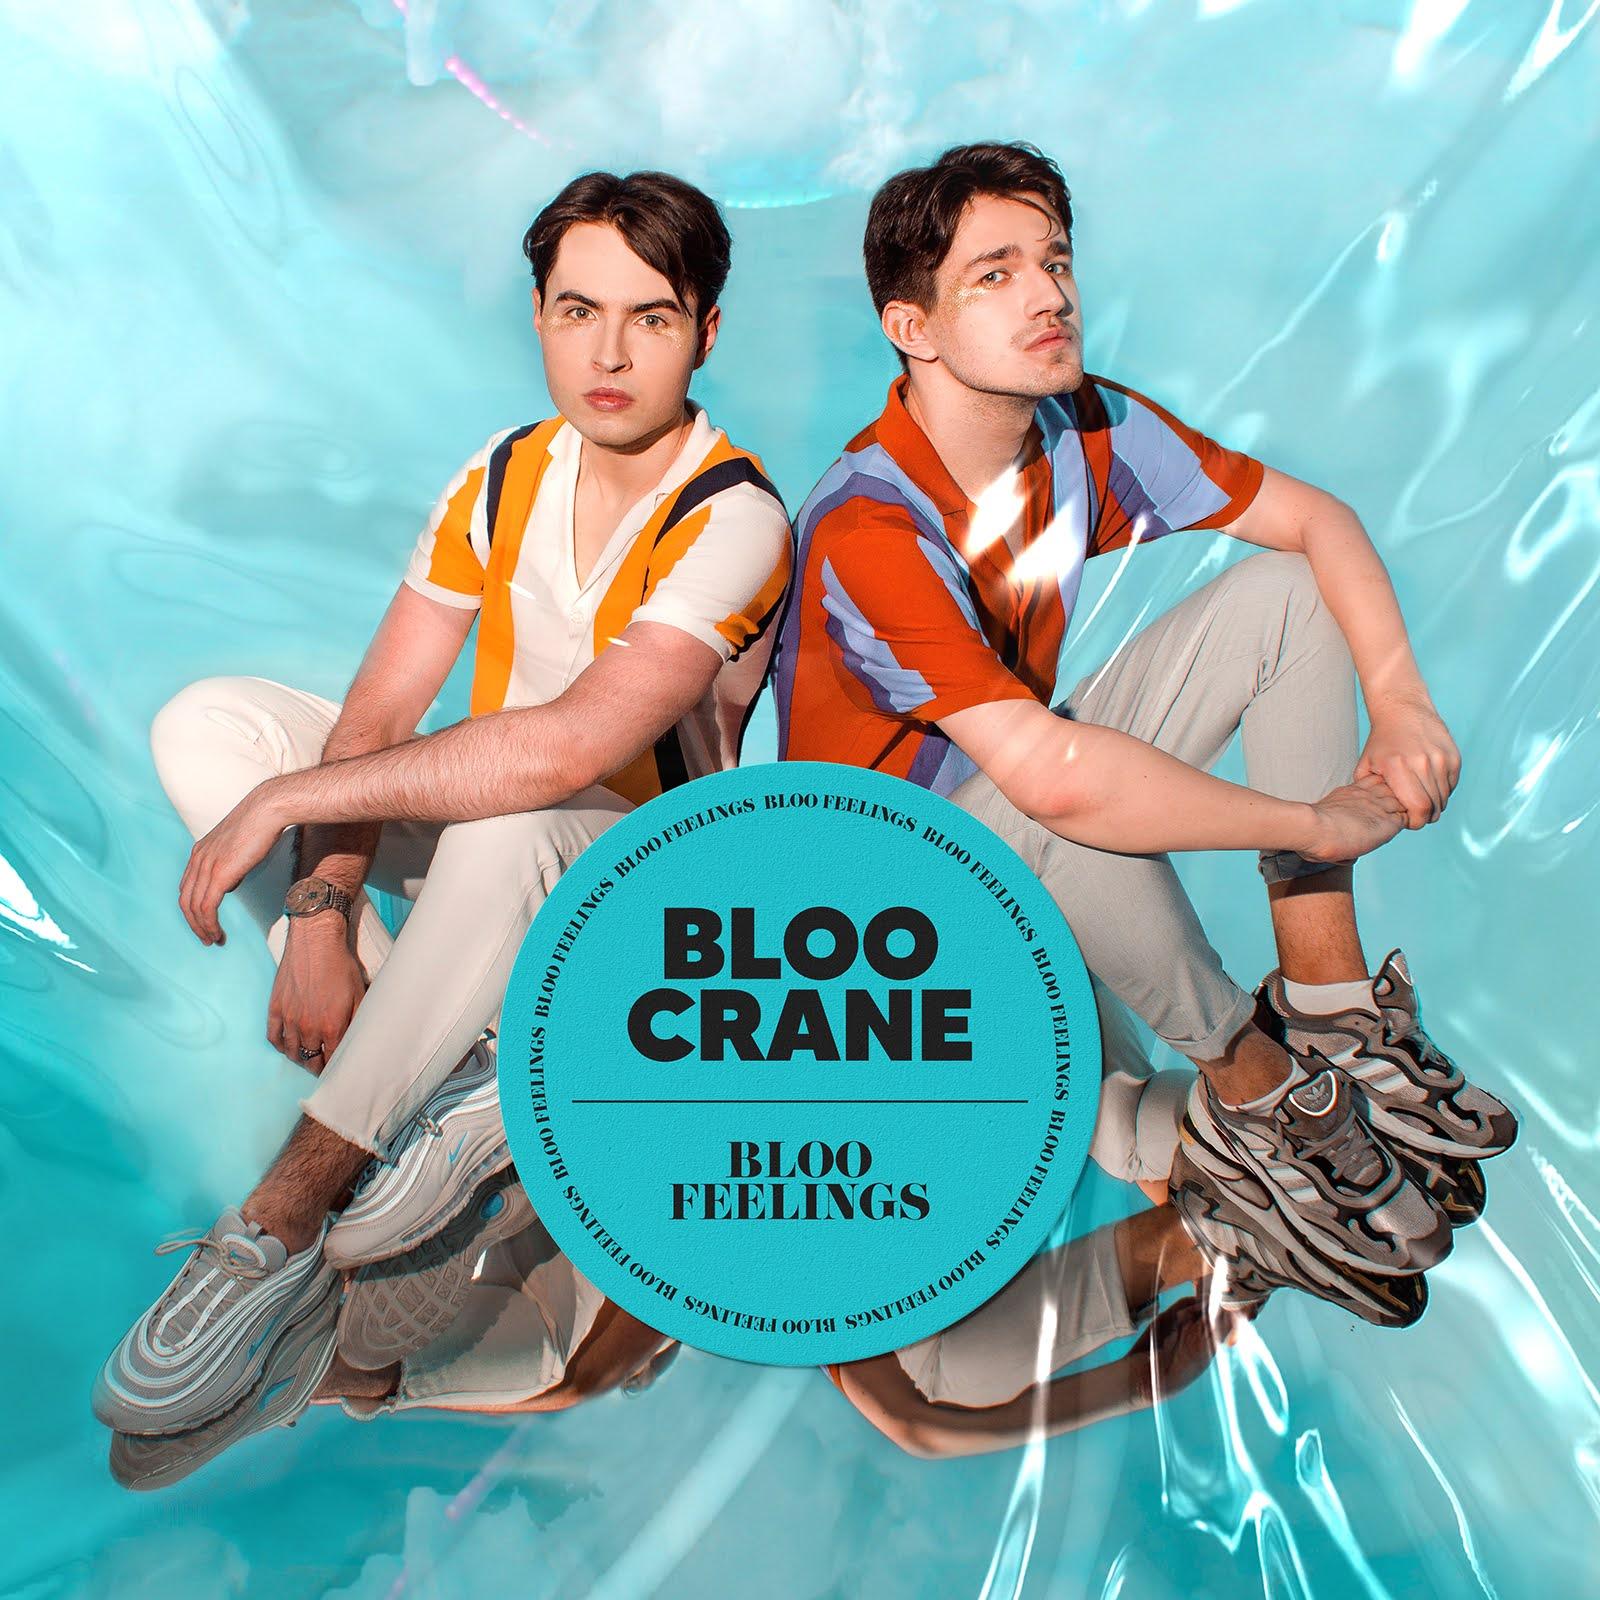 Bloo Crane - Bloo Feelings